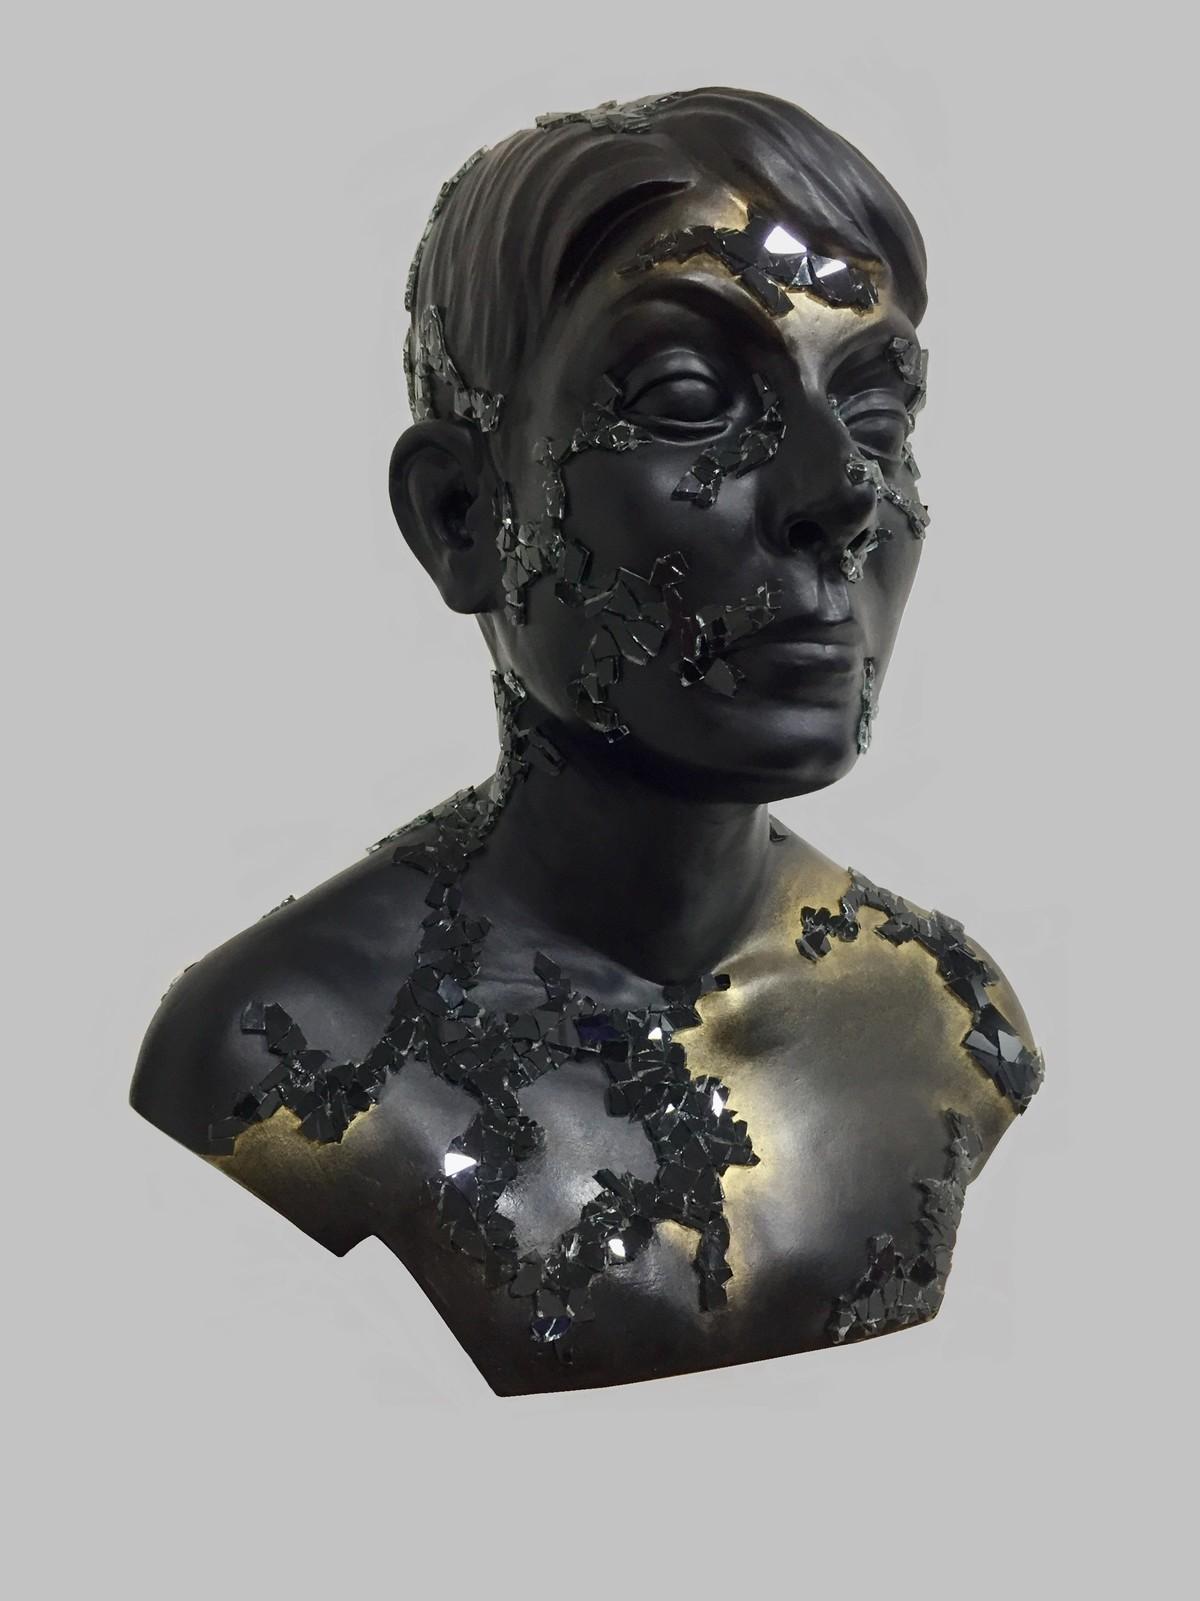 Pixie Cut by Vernika, Art Deco Sculpture | 3D, Fiber Glass, Gray color